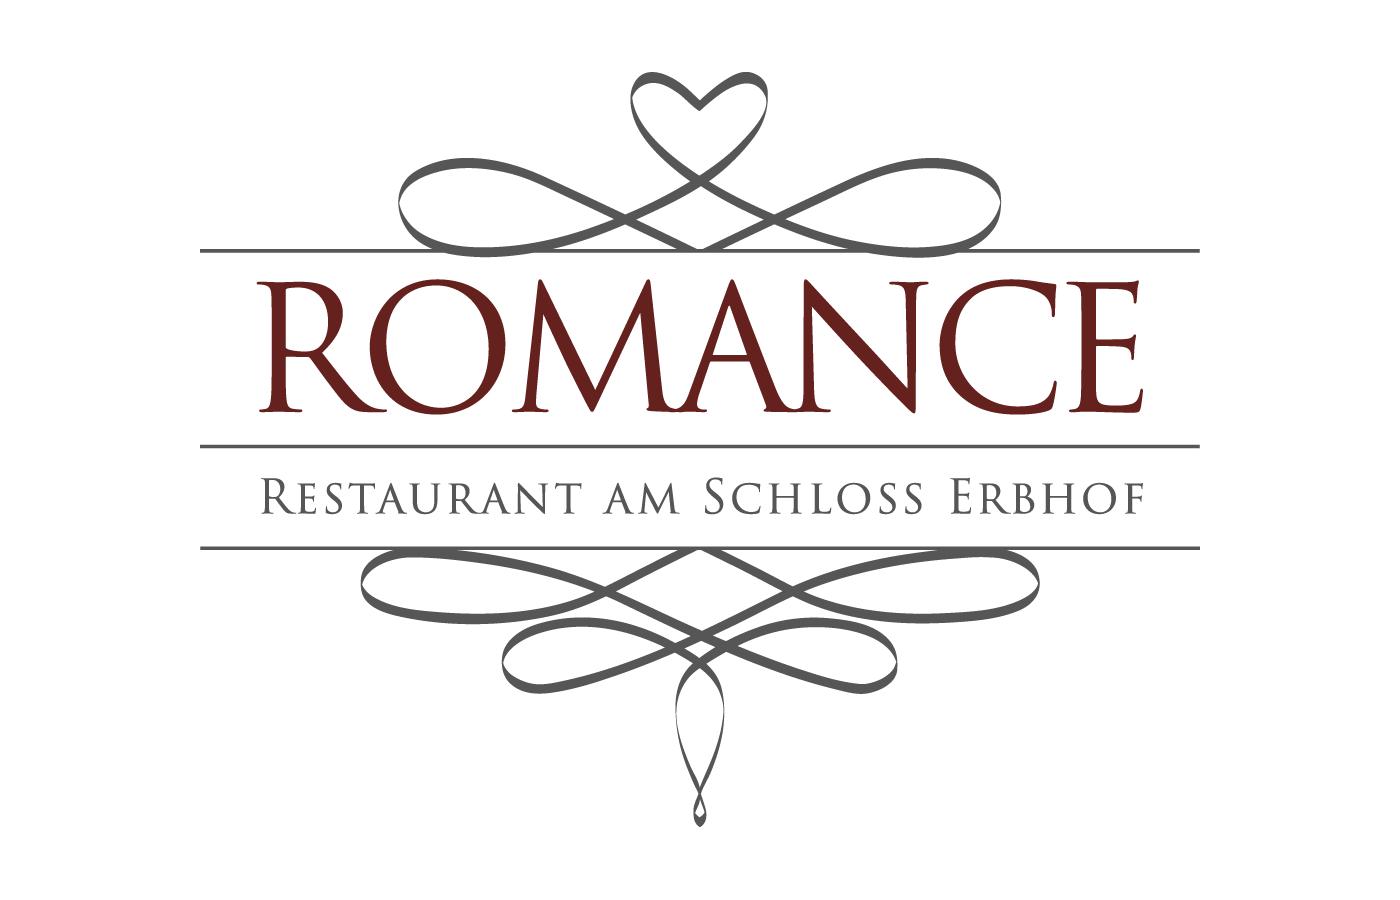 logo-romance_